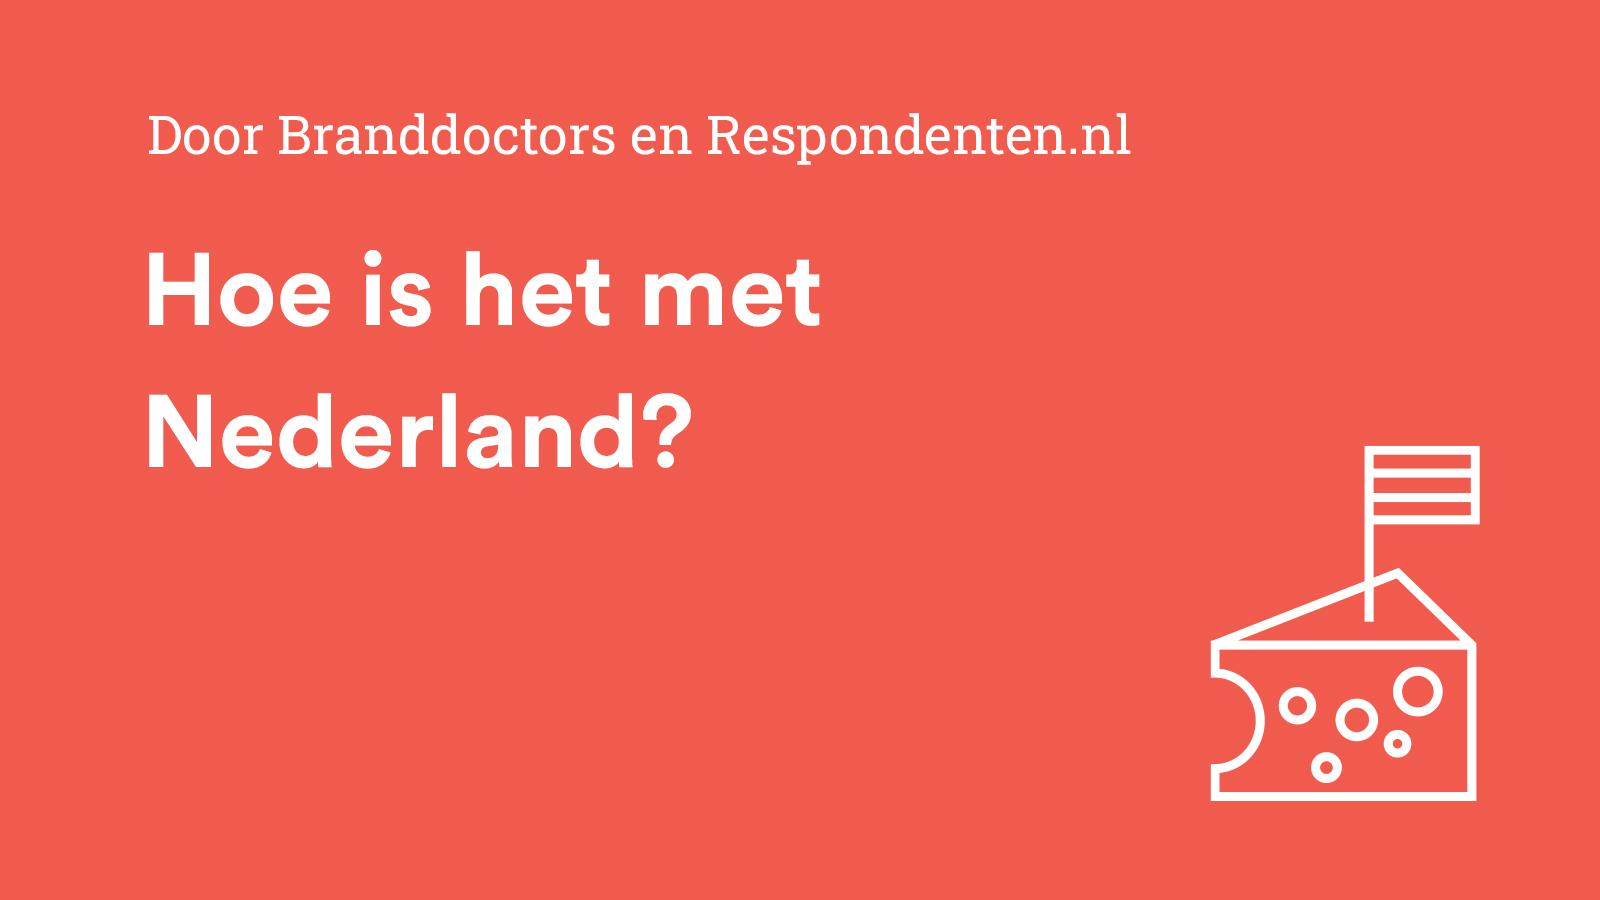 Hoe is het met Nederland?